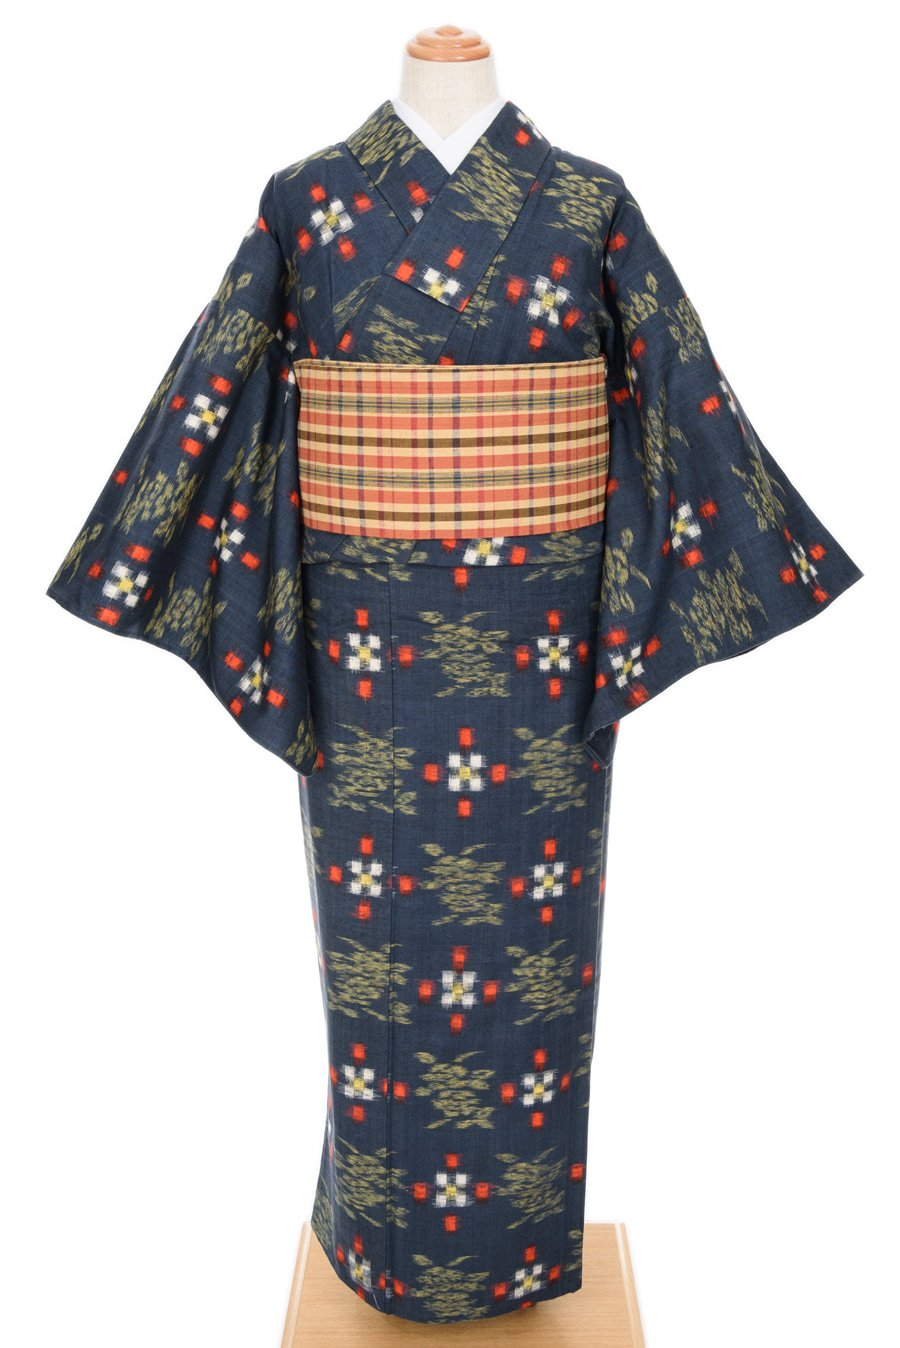 「単衣 紺地 ドットと花」の商品画像